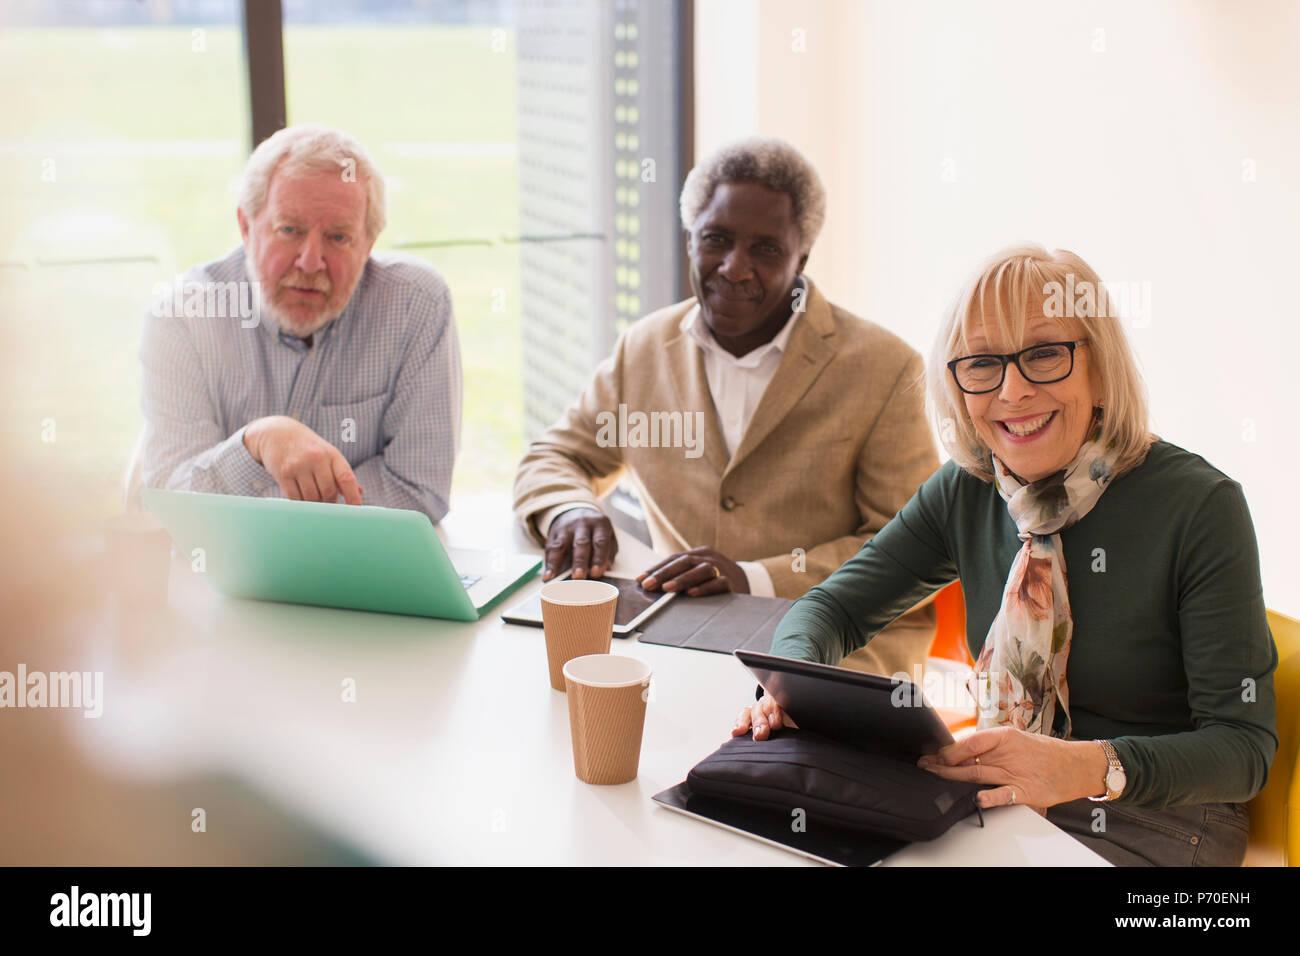 Lächelnd Senior Business Nutzer digitaler Tabletten und Laptop im Konferenzraum treffen Stockbild